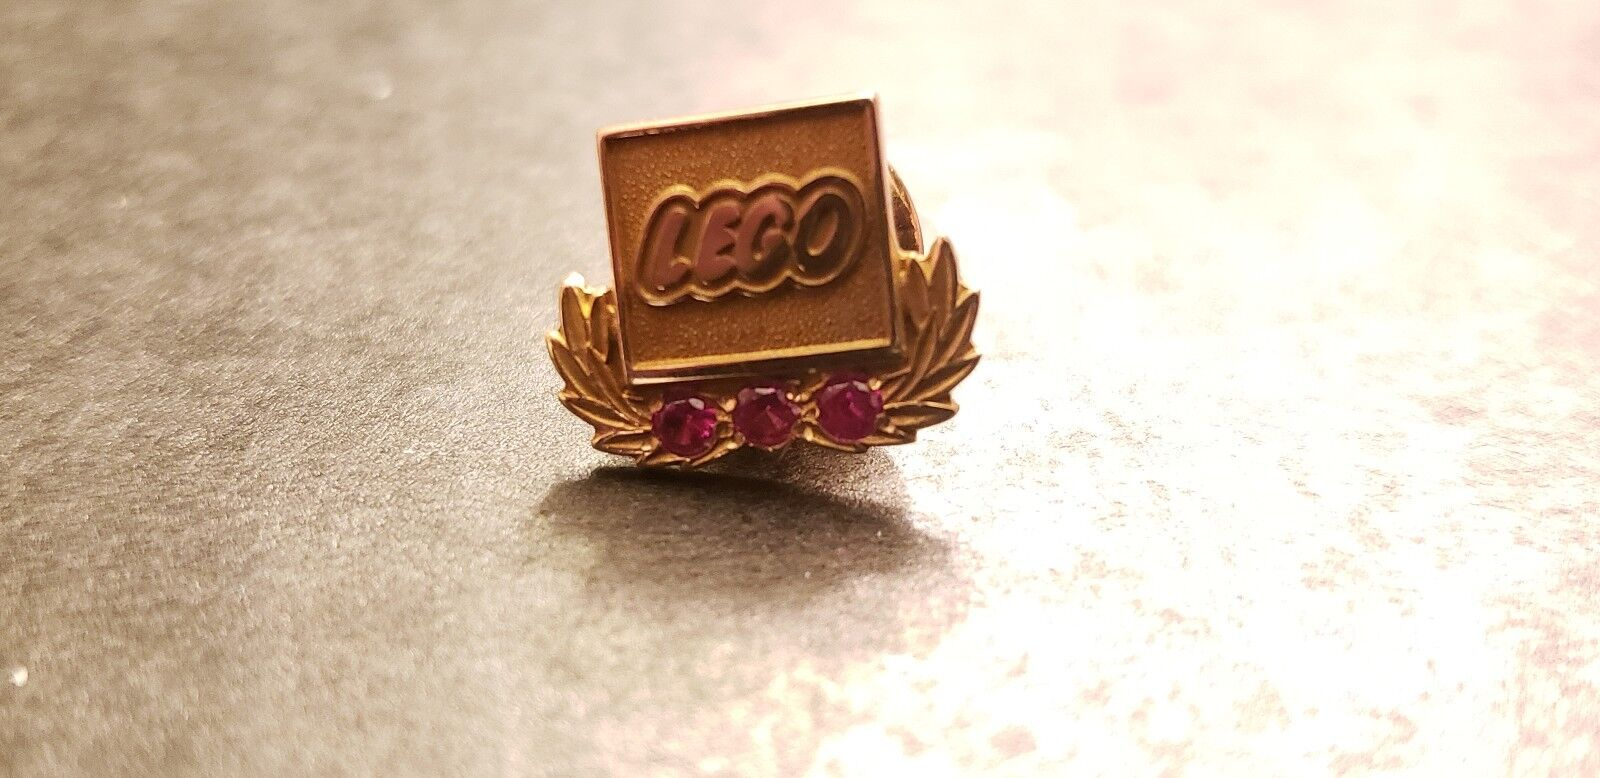 Lego années 1970 service 10K or pin. TRÈS RARE  MAGNIFIQUE Gems Comme neuf pin.